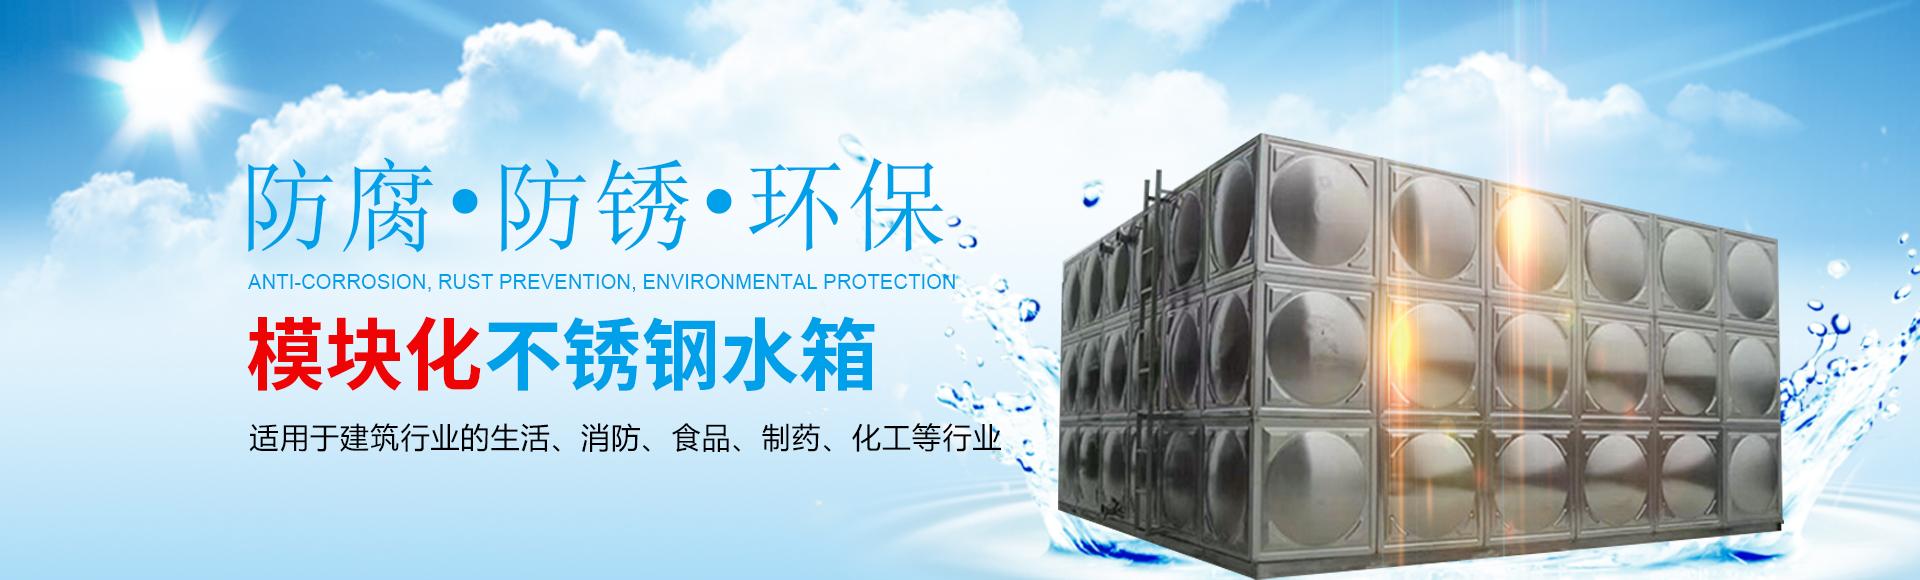 武汉变频恒压供水设备 /></li>